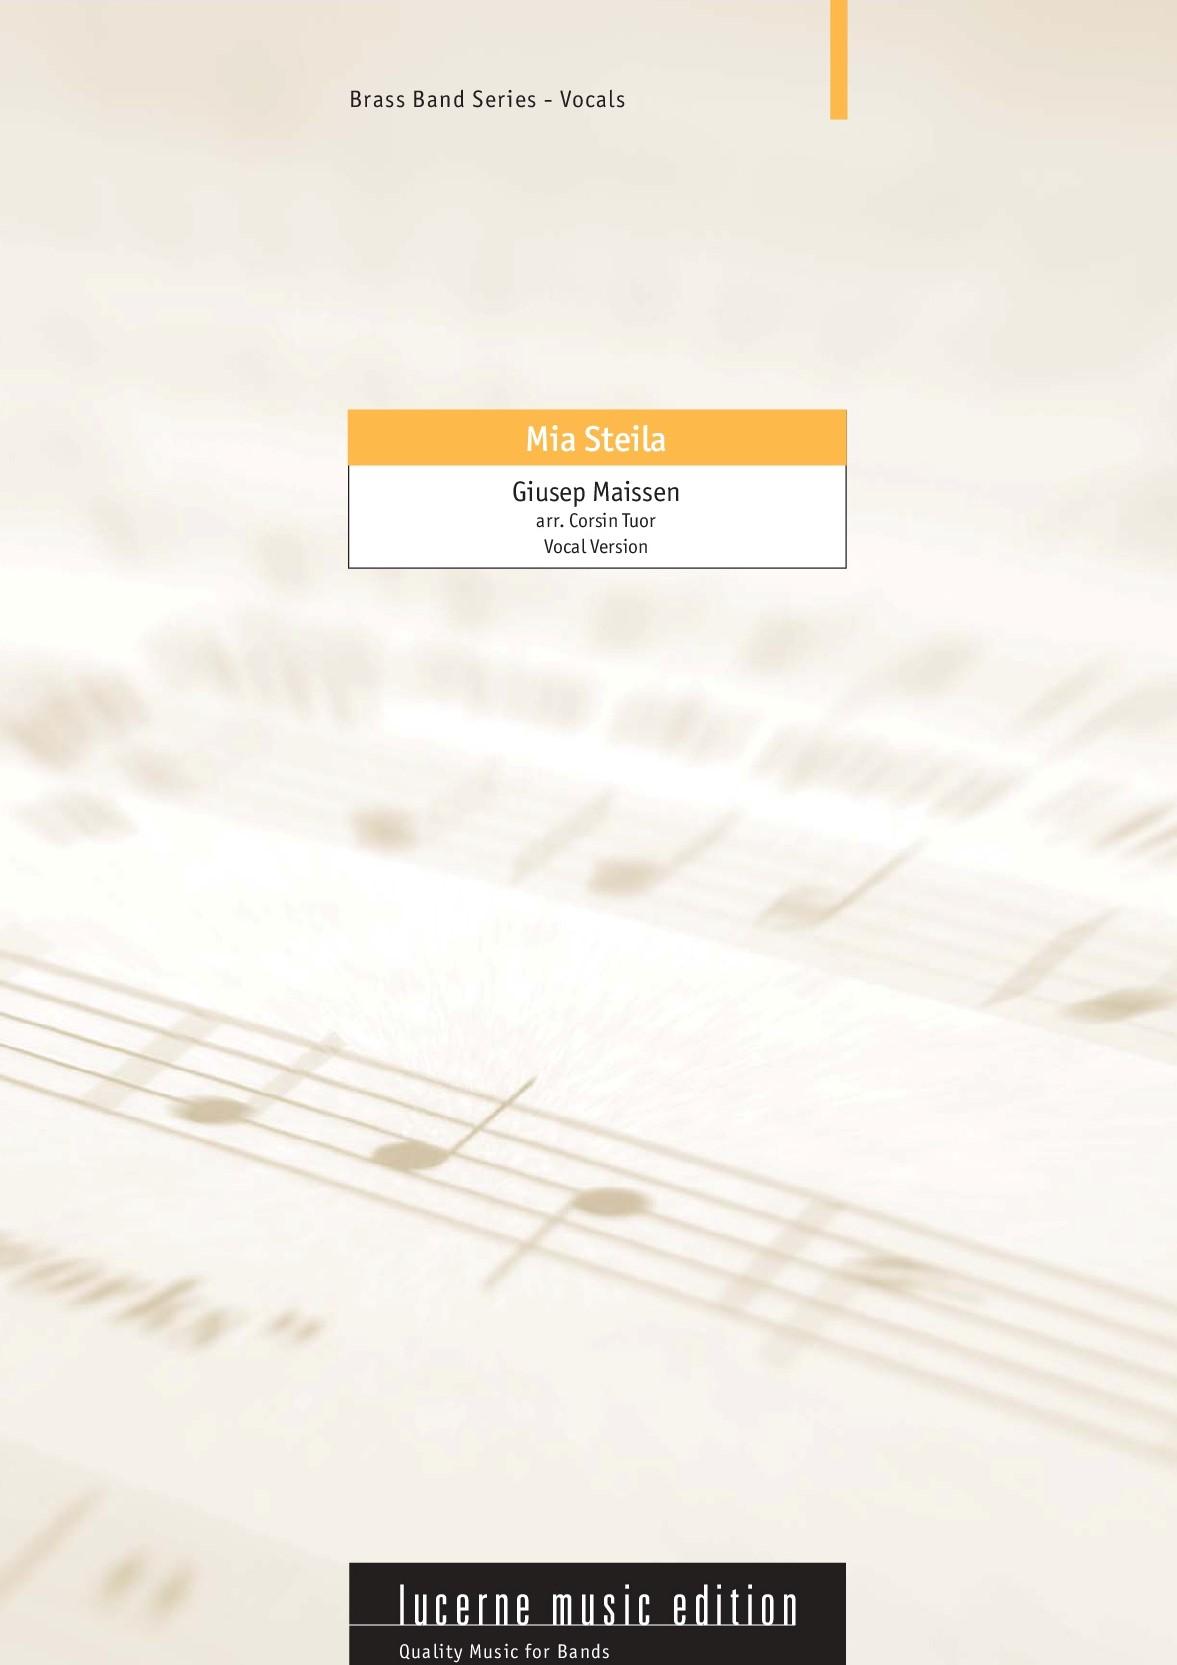 Mia steila (Vocal Solo)